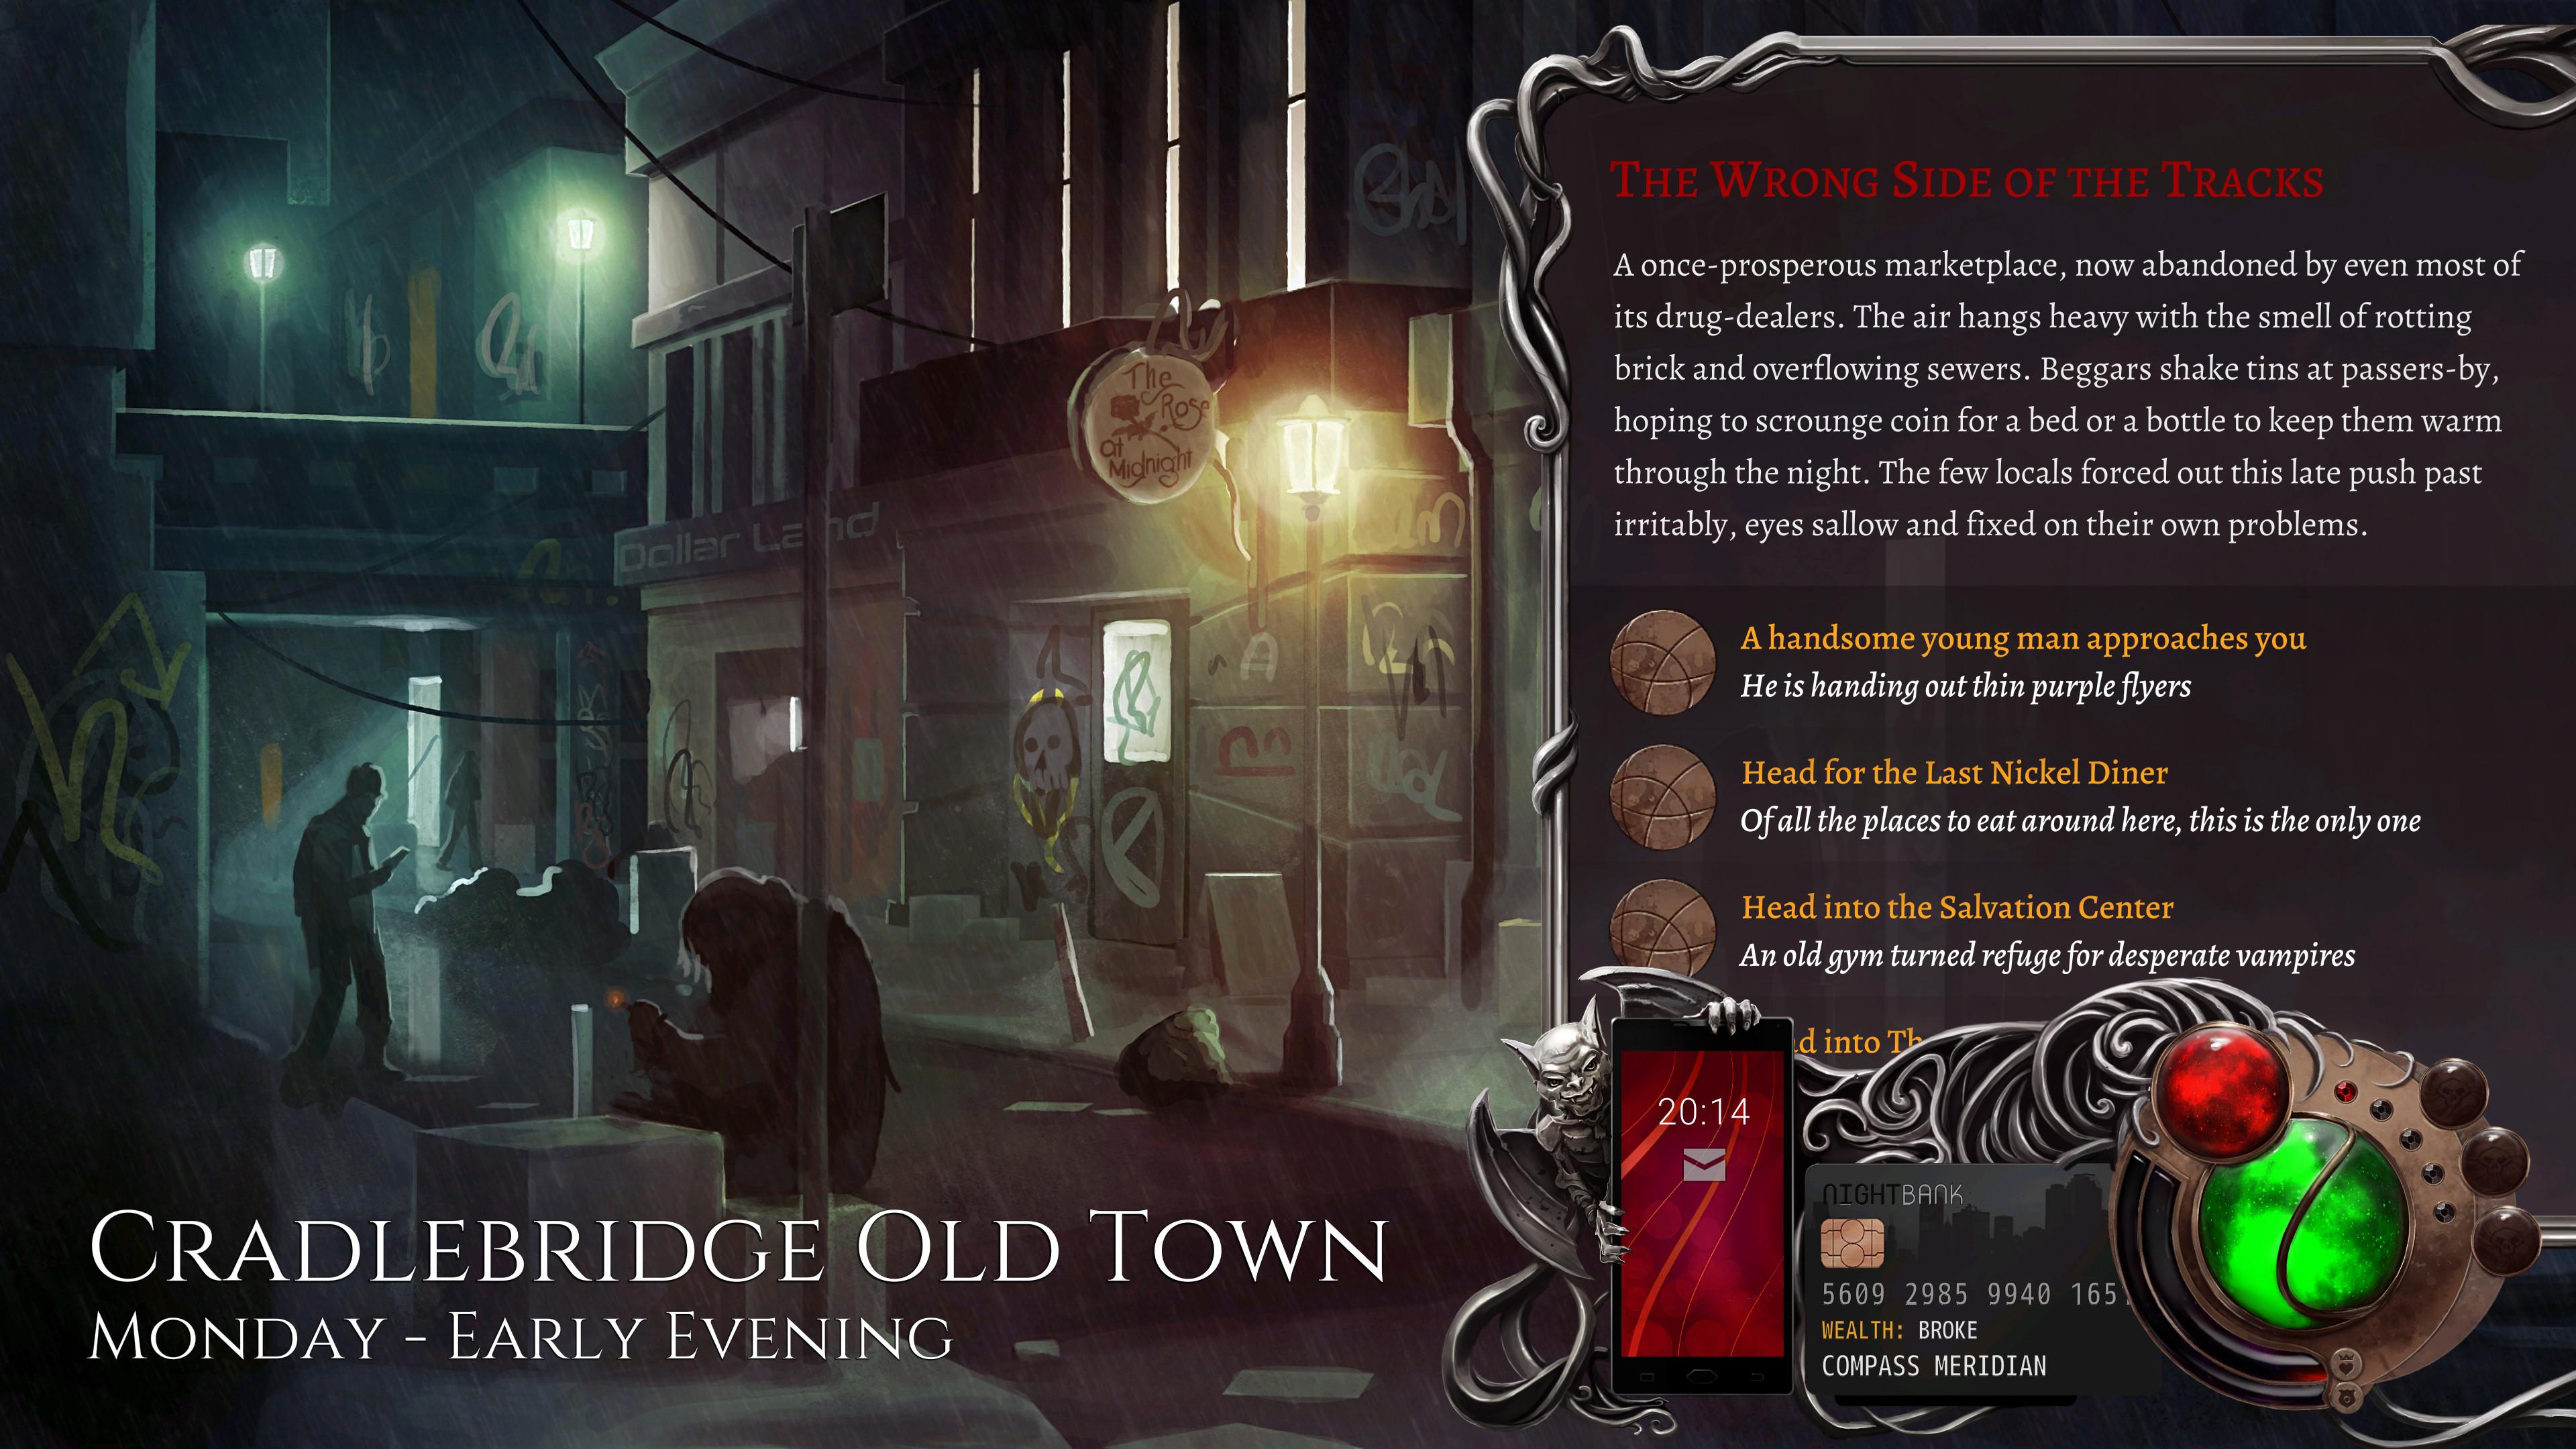 تصاویر و تیزر جدیدی از عنوان Nighthawks: The Vampire RPG منتشر شدند؛ شب را از آن خود کنید